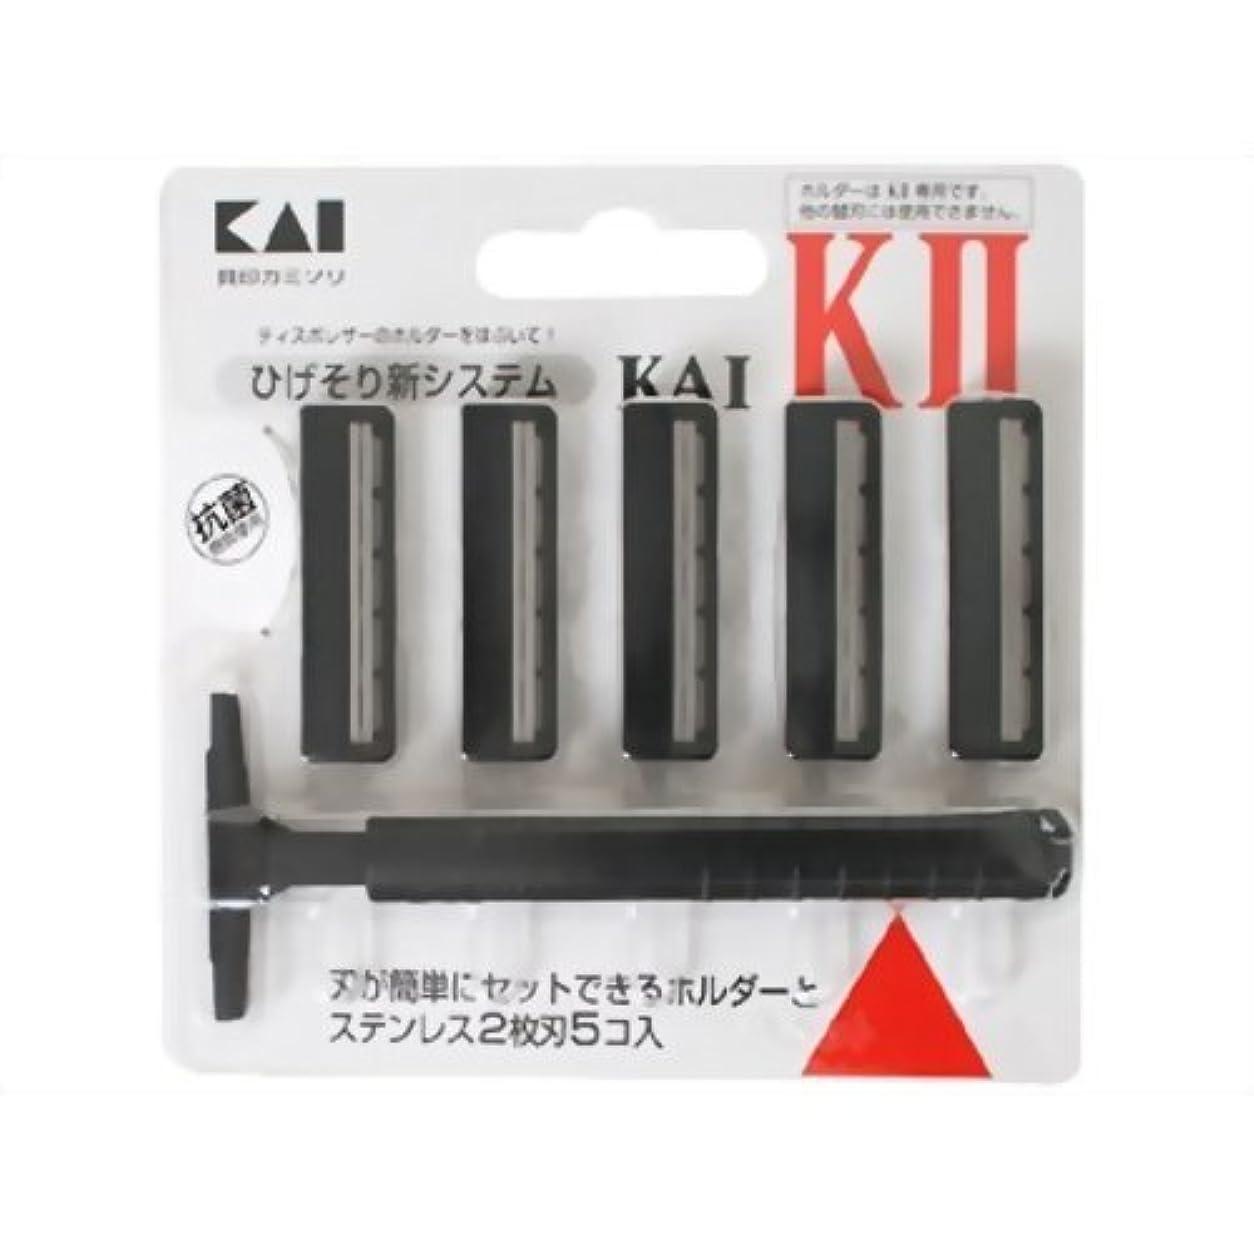 グリップシリンダー燃やすカミソリ KAI-K2 K2-5 ×6個セット